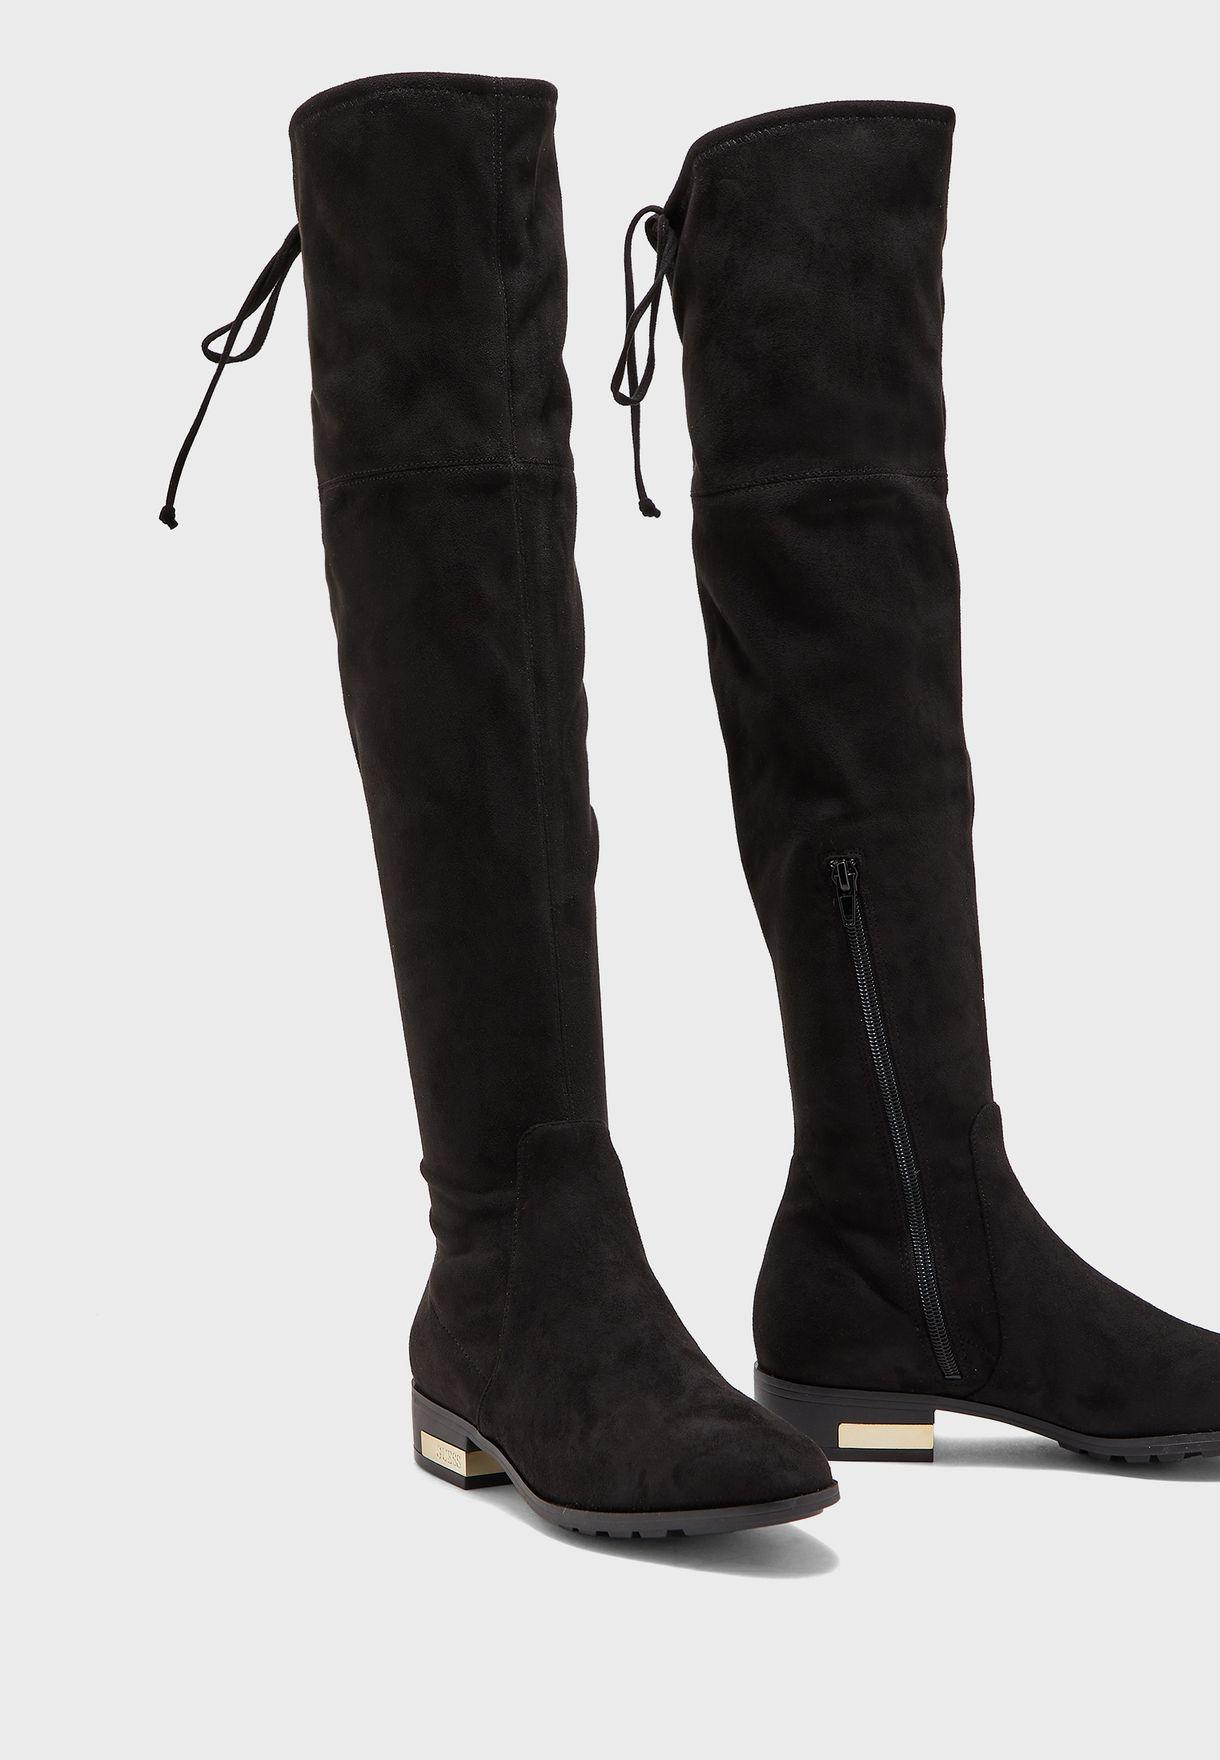 Guess Womens Zafira Riding Boot